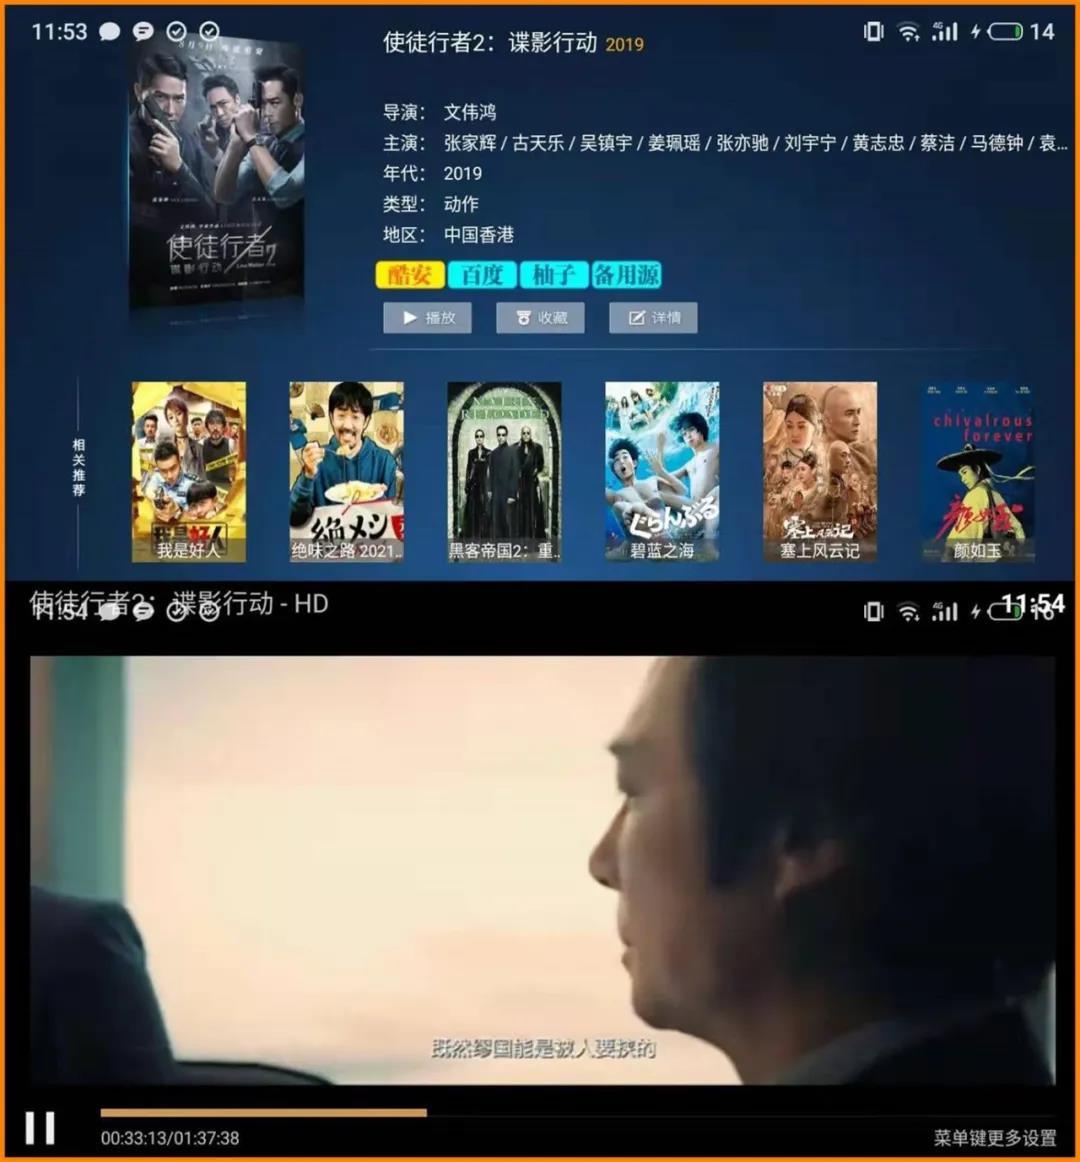 柚子TV 高清影视盒子点播软件